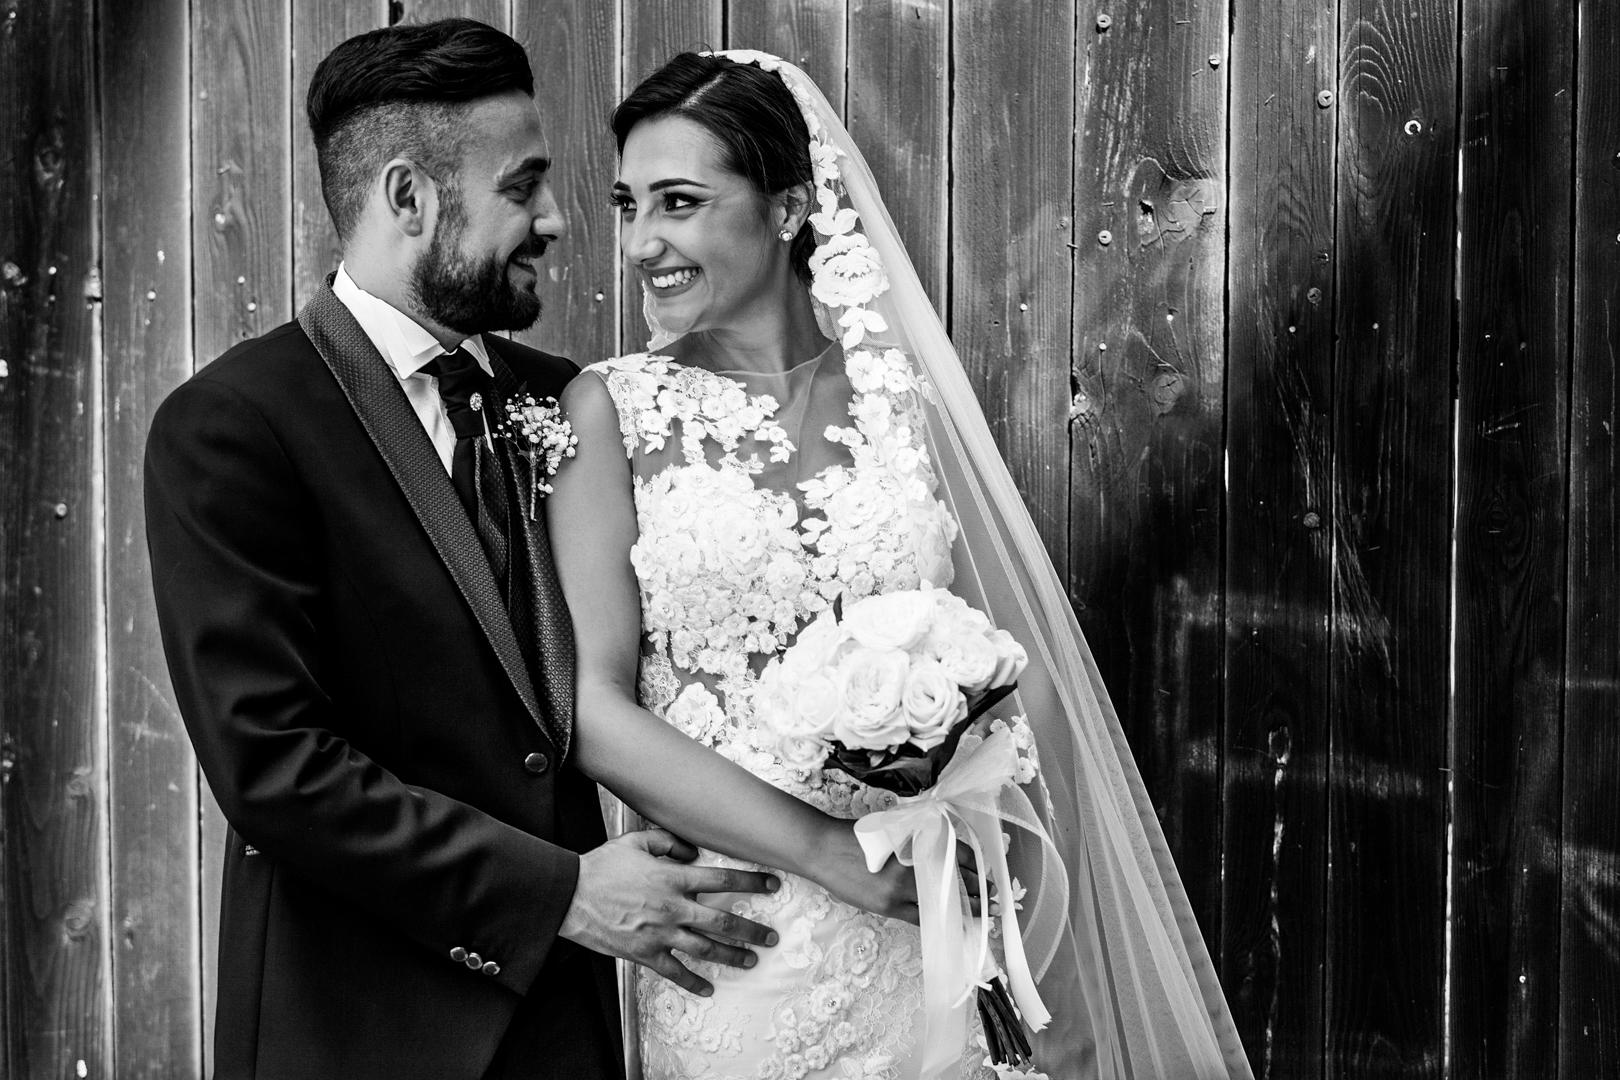 41 gianni-lepore-piazza-duomo-lucera-foto-bianco-nero-sposi-matrimonio-wedding